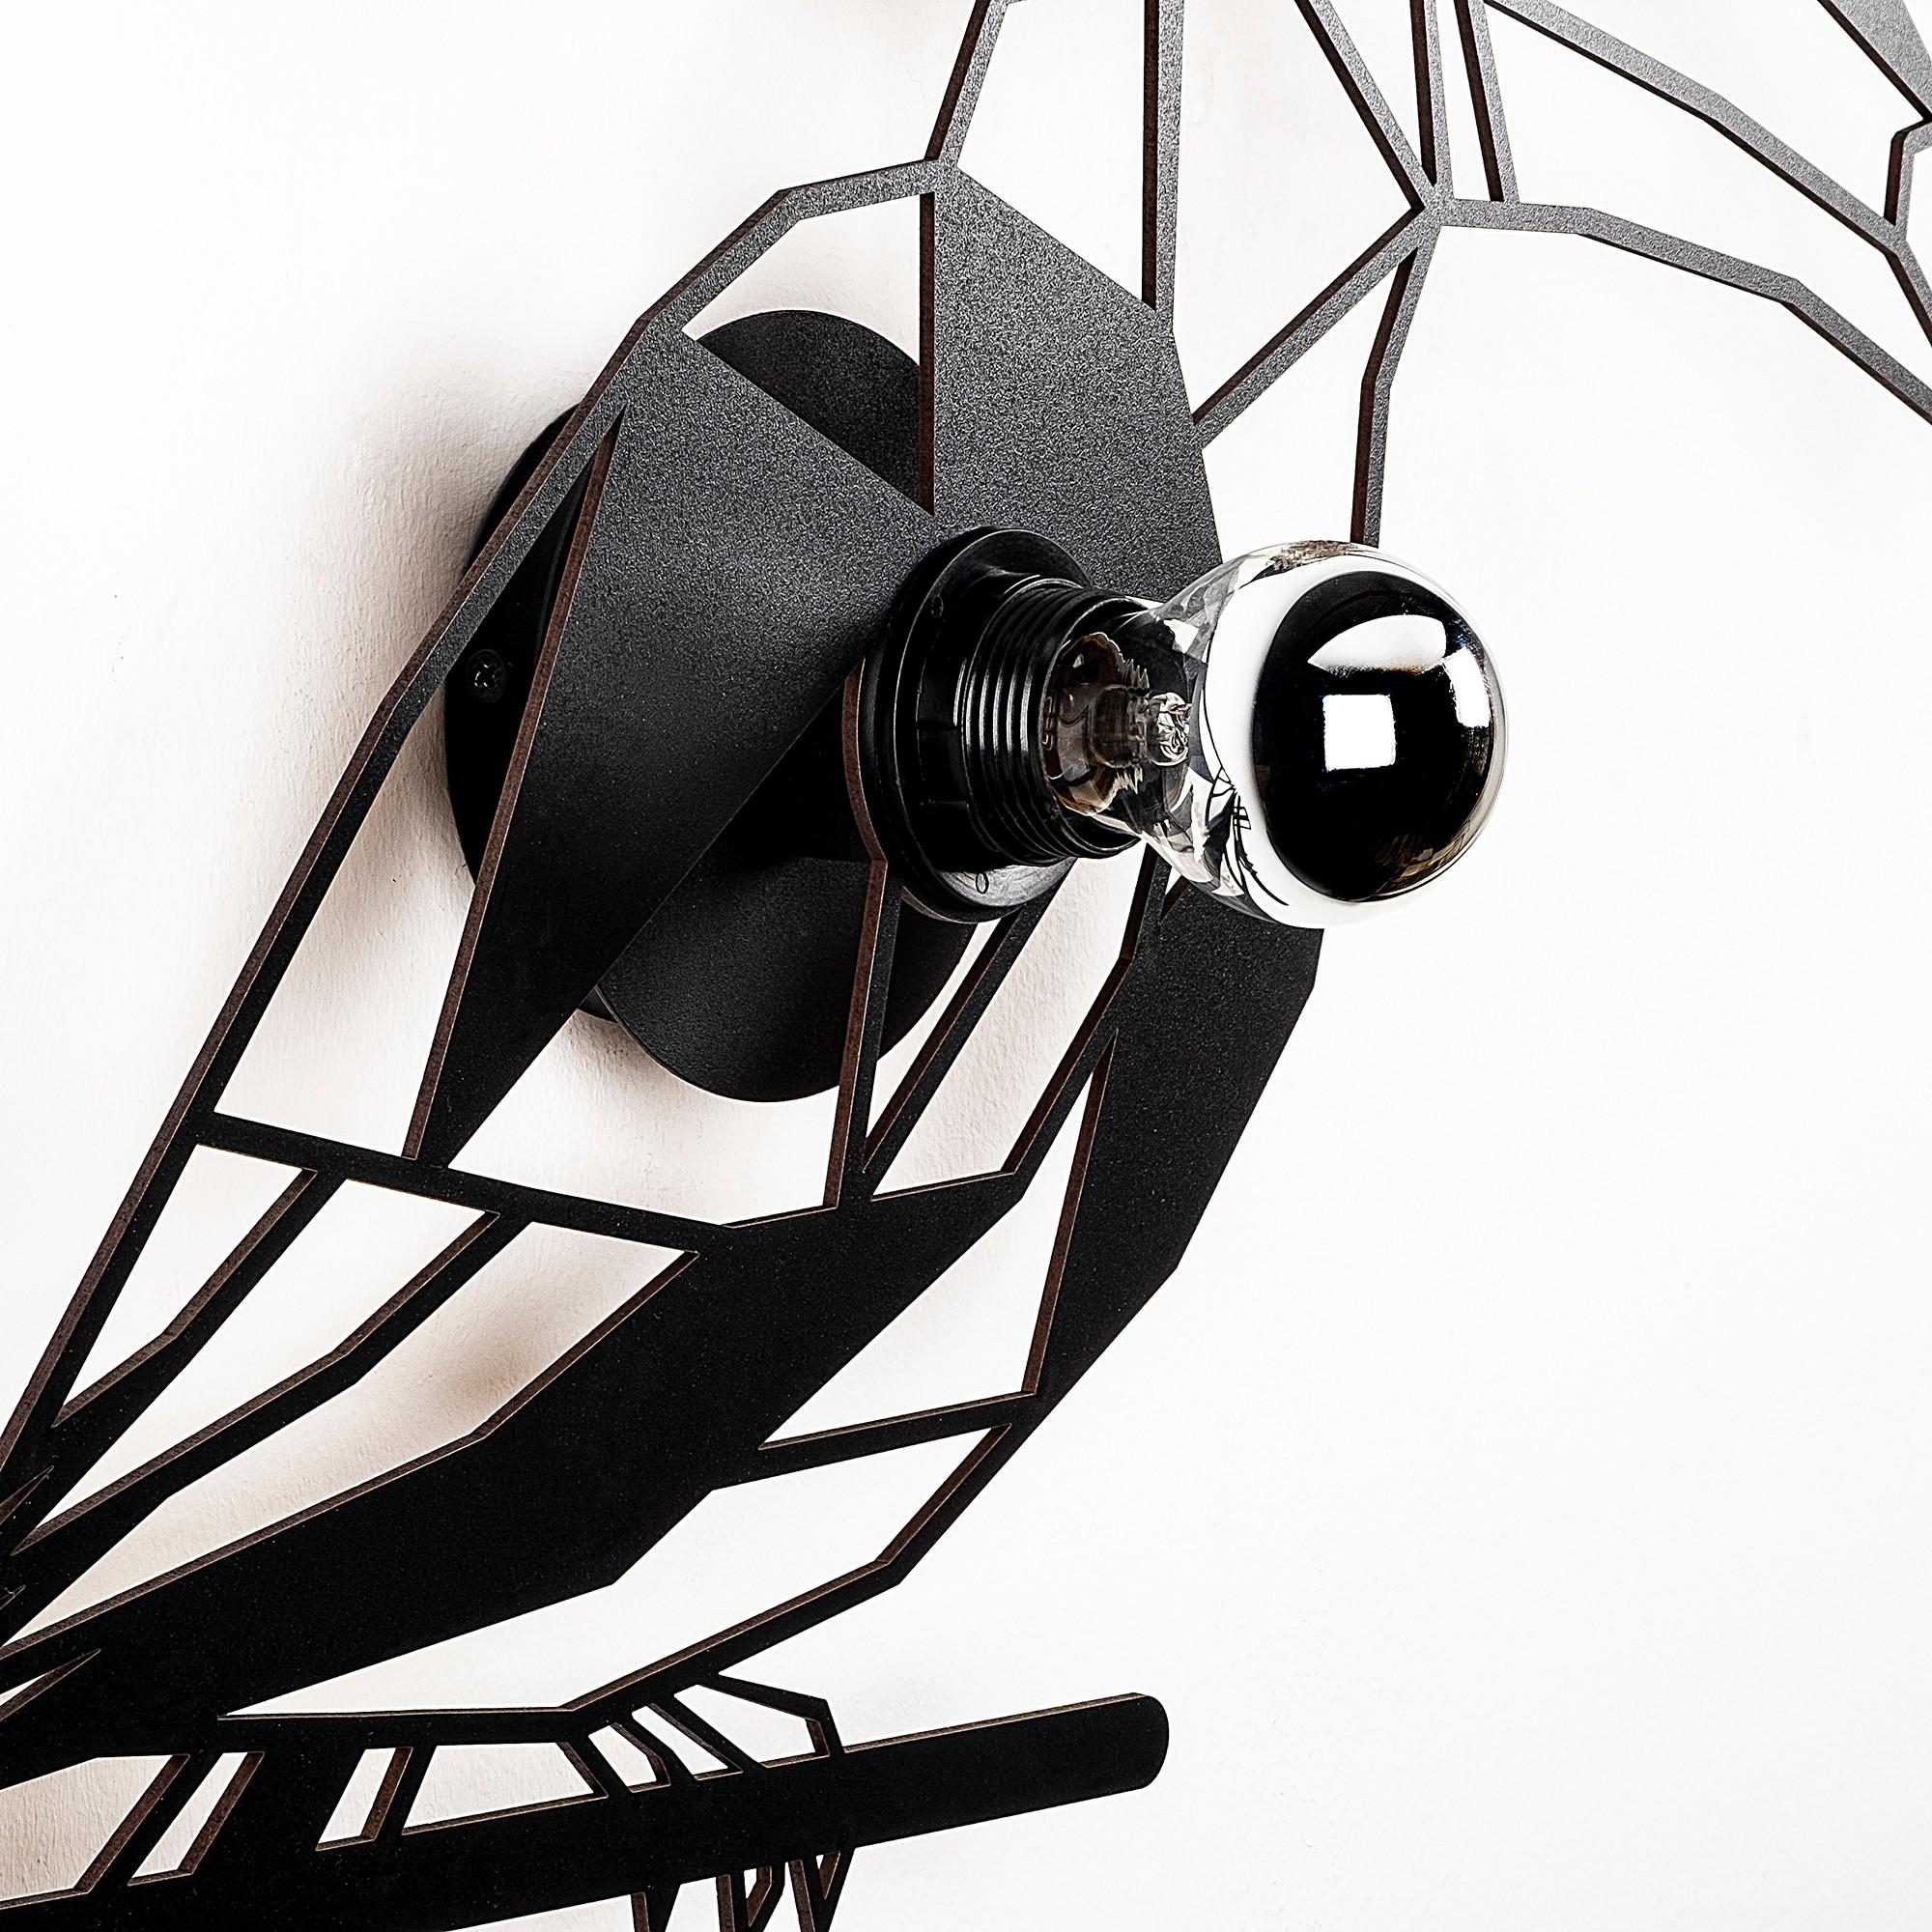 Industriële wanddecoratie dieren lamp - E27 fitting - Tukan - dimbaar - zijaanzicht